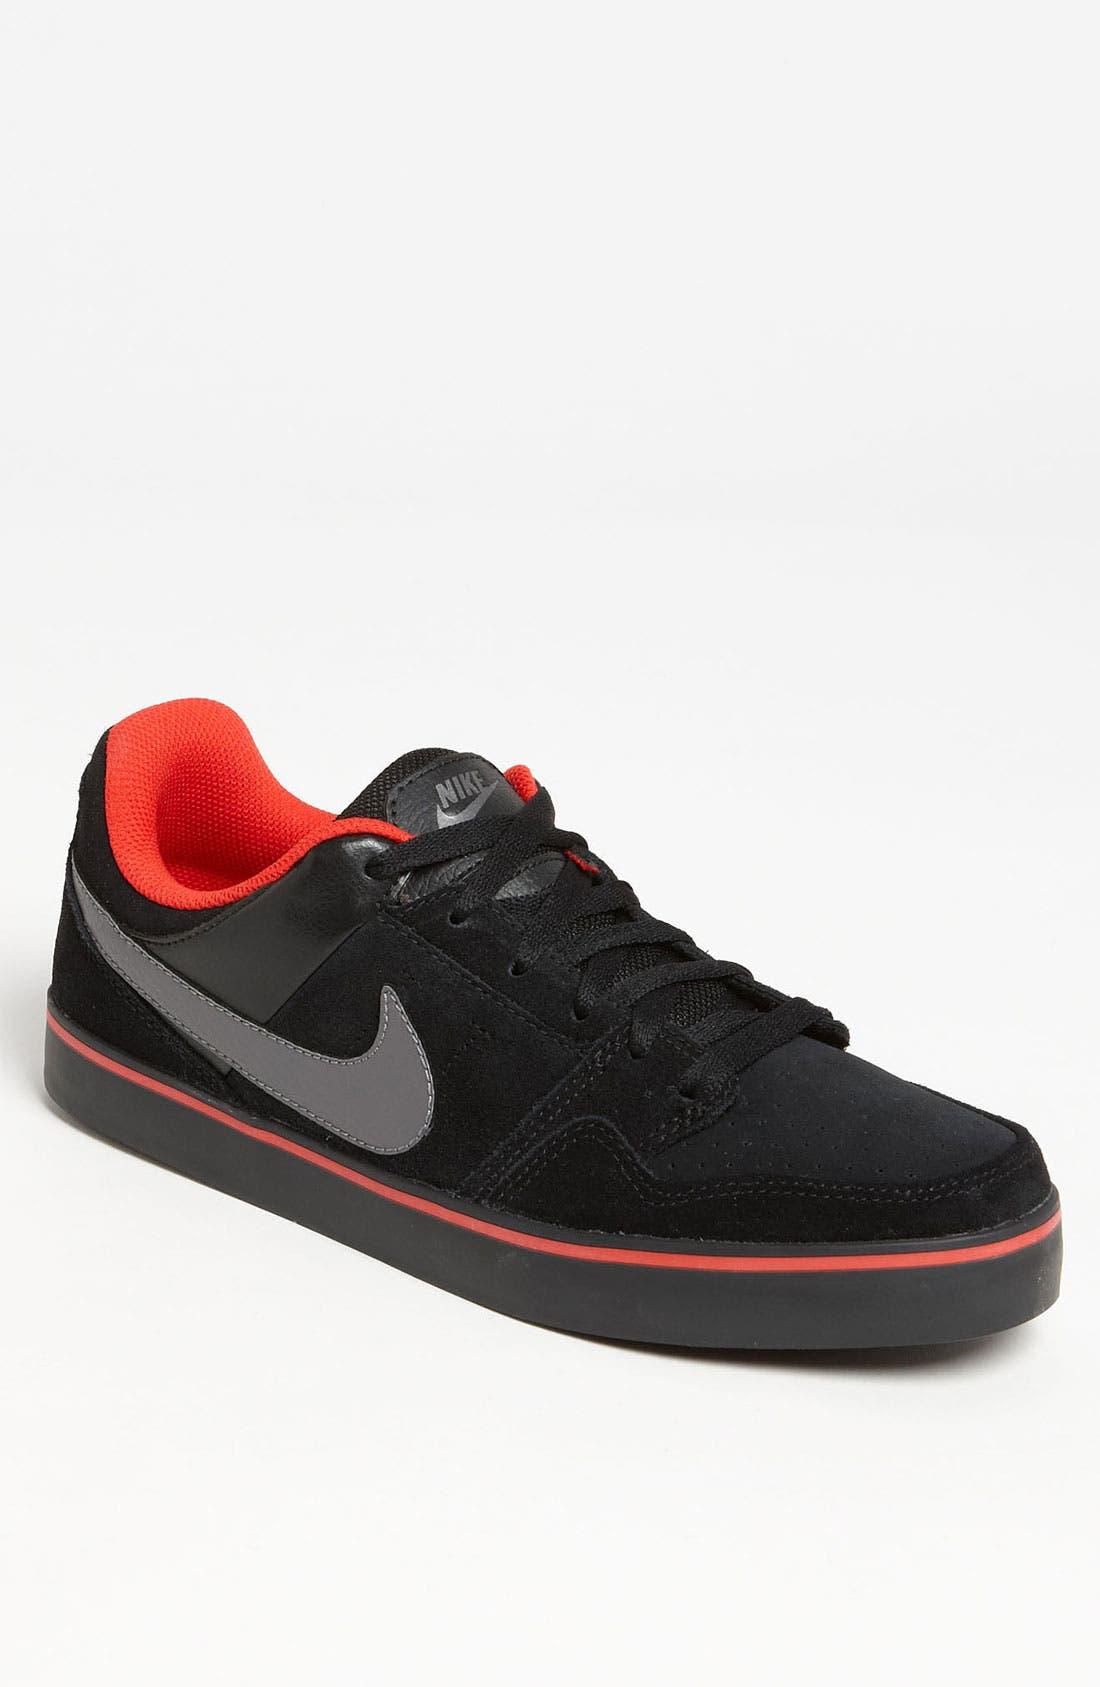 Alternate Image 1 Selected - Nike 'Mogan 2 SE' Sneaker (Men) (Online Only)